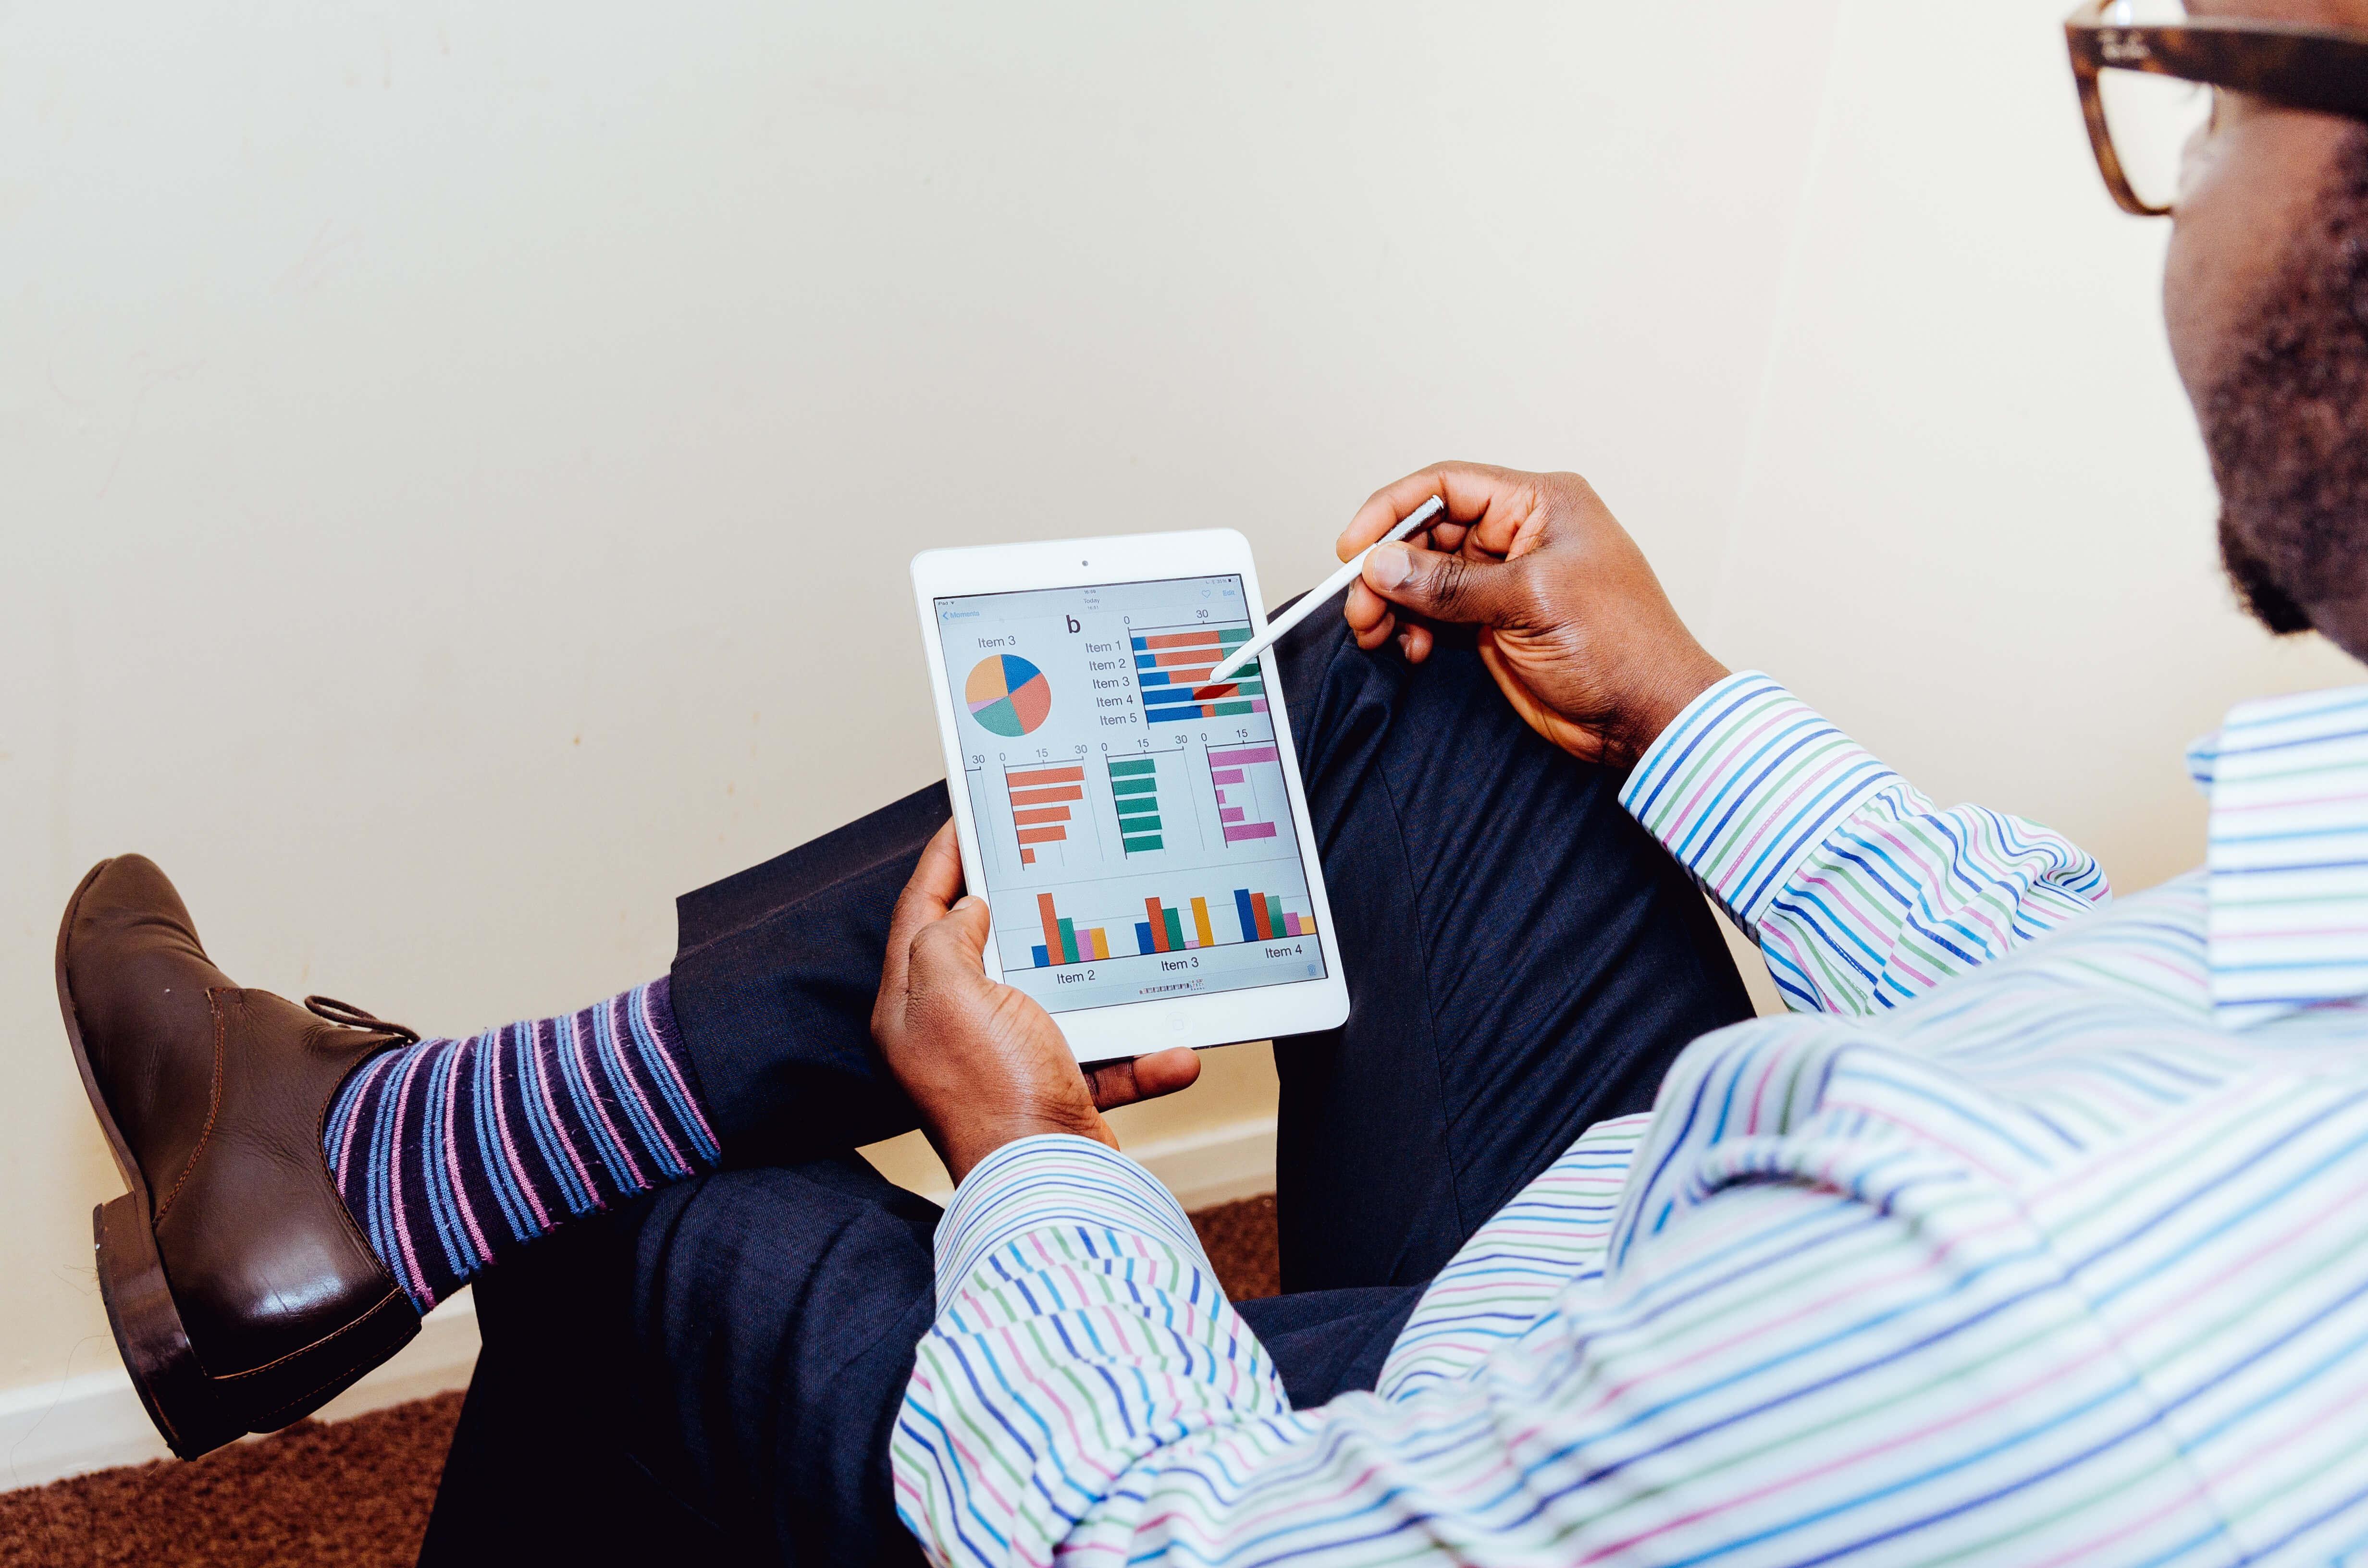 Man looking at charts via a tablet